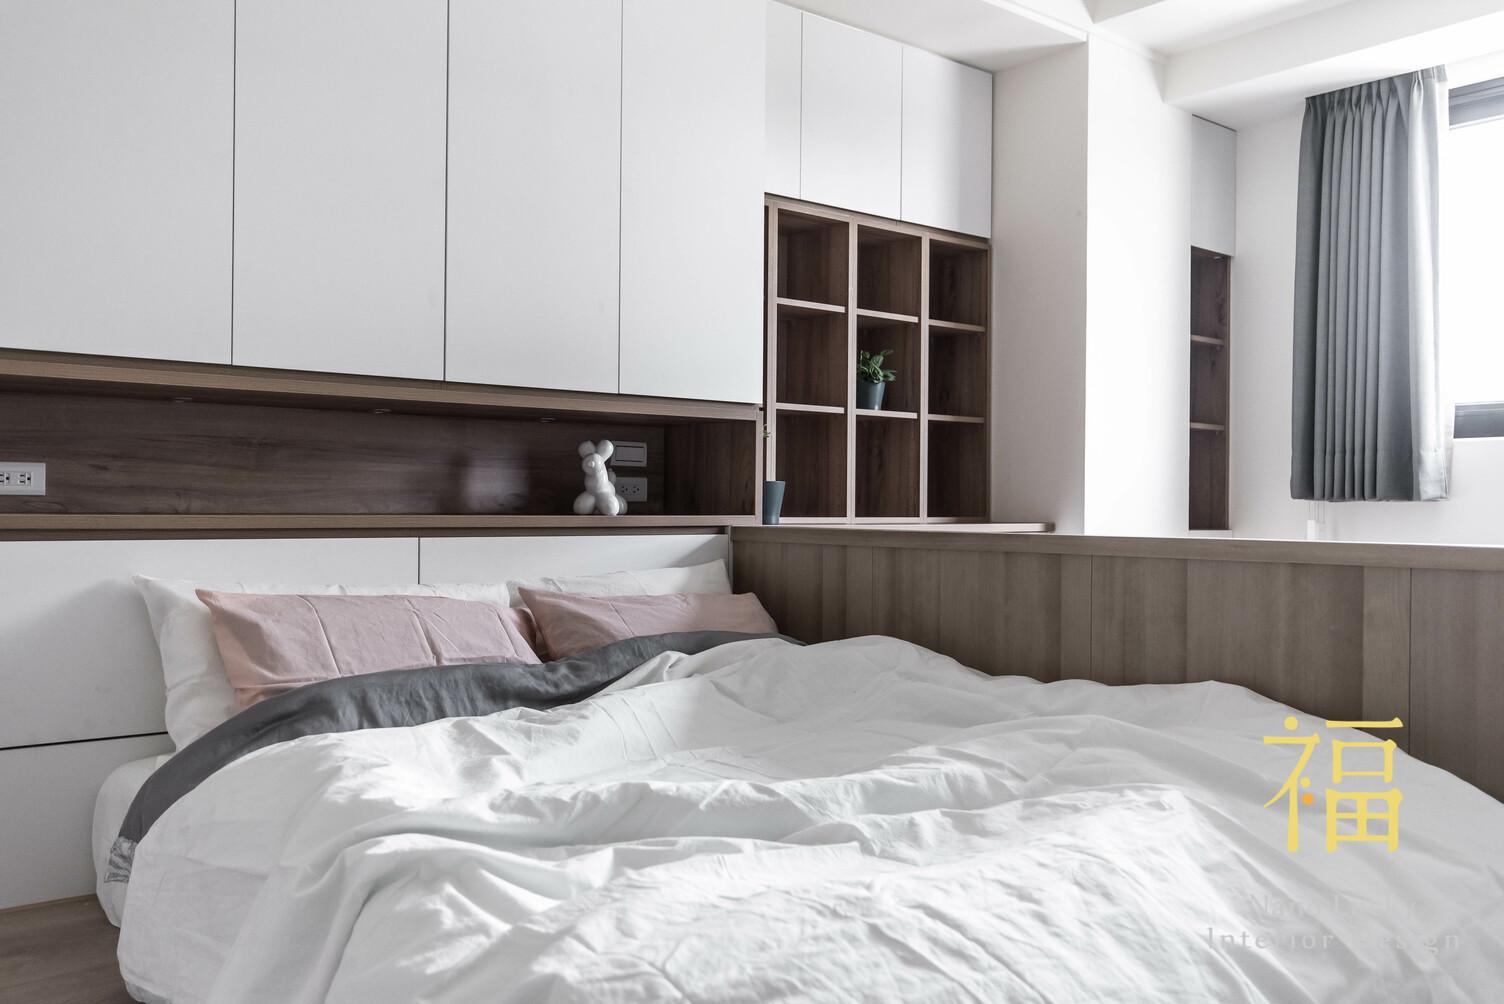 Nanolucky小福砌空間設計-開元路涂宅-透天住宅設計-現代北歐風